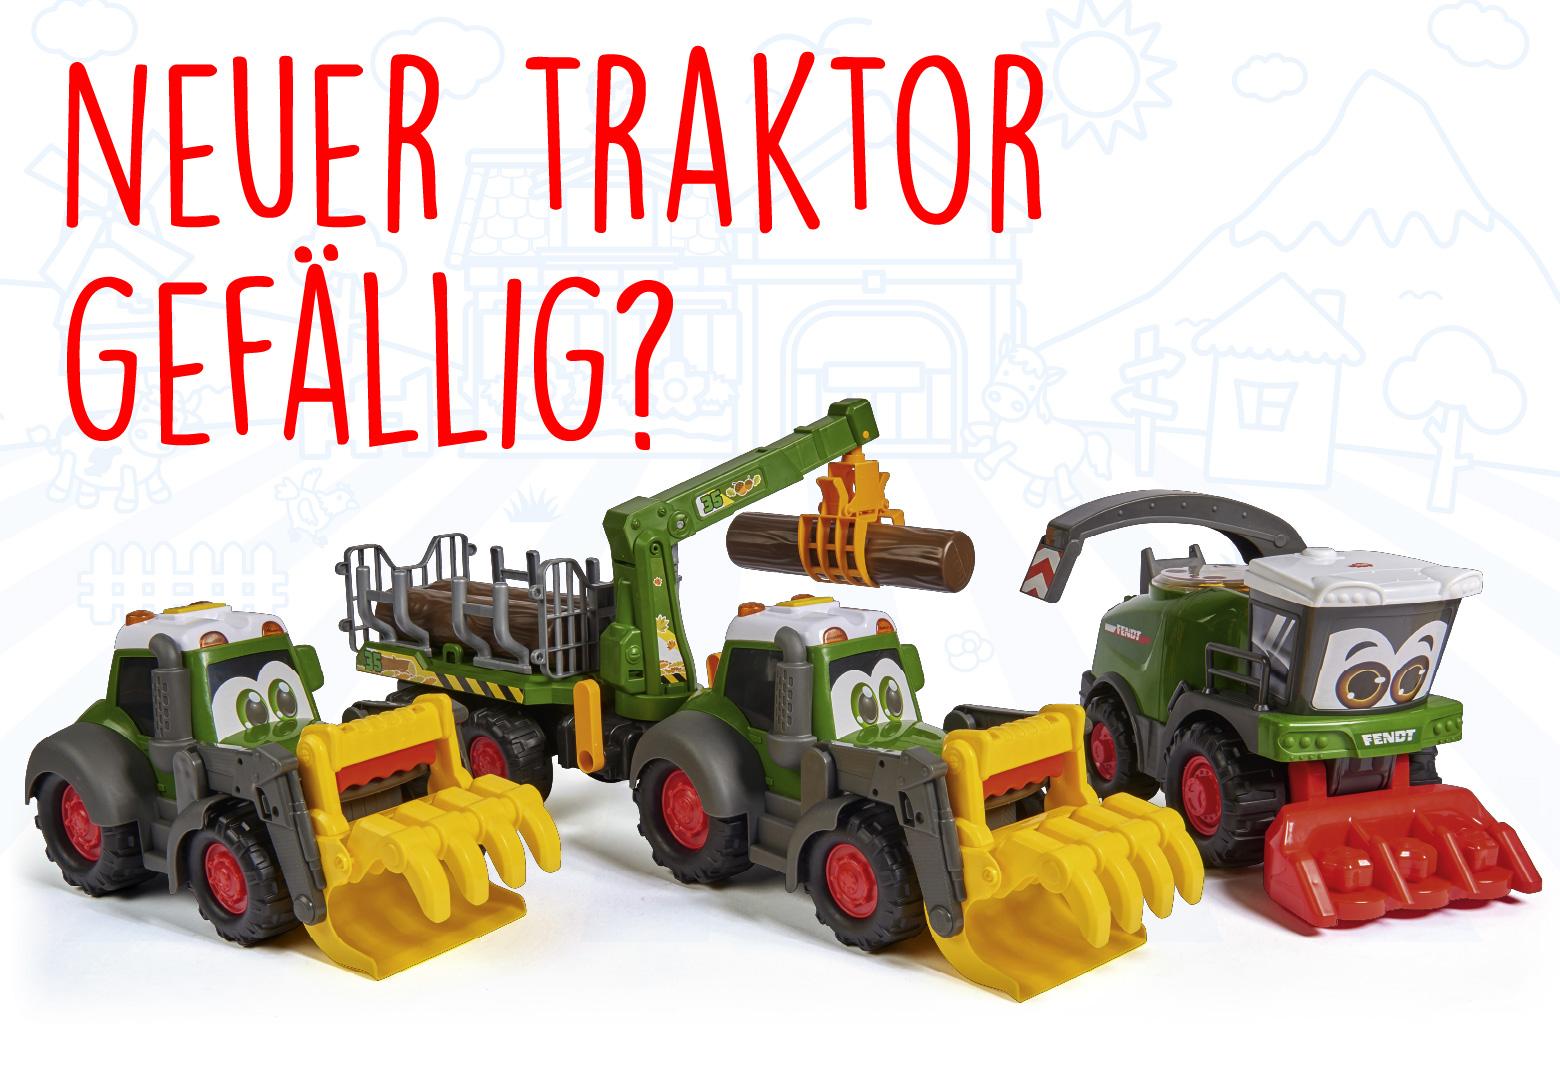 Neuer Traktor gefällig?_1